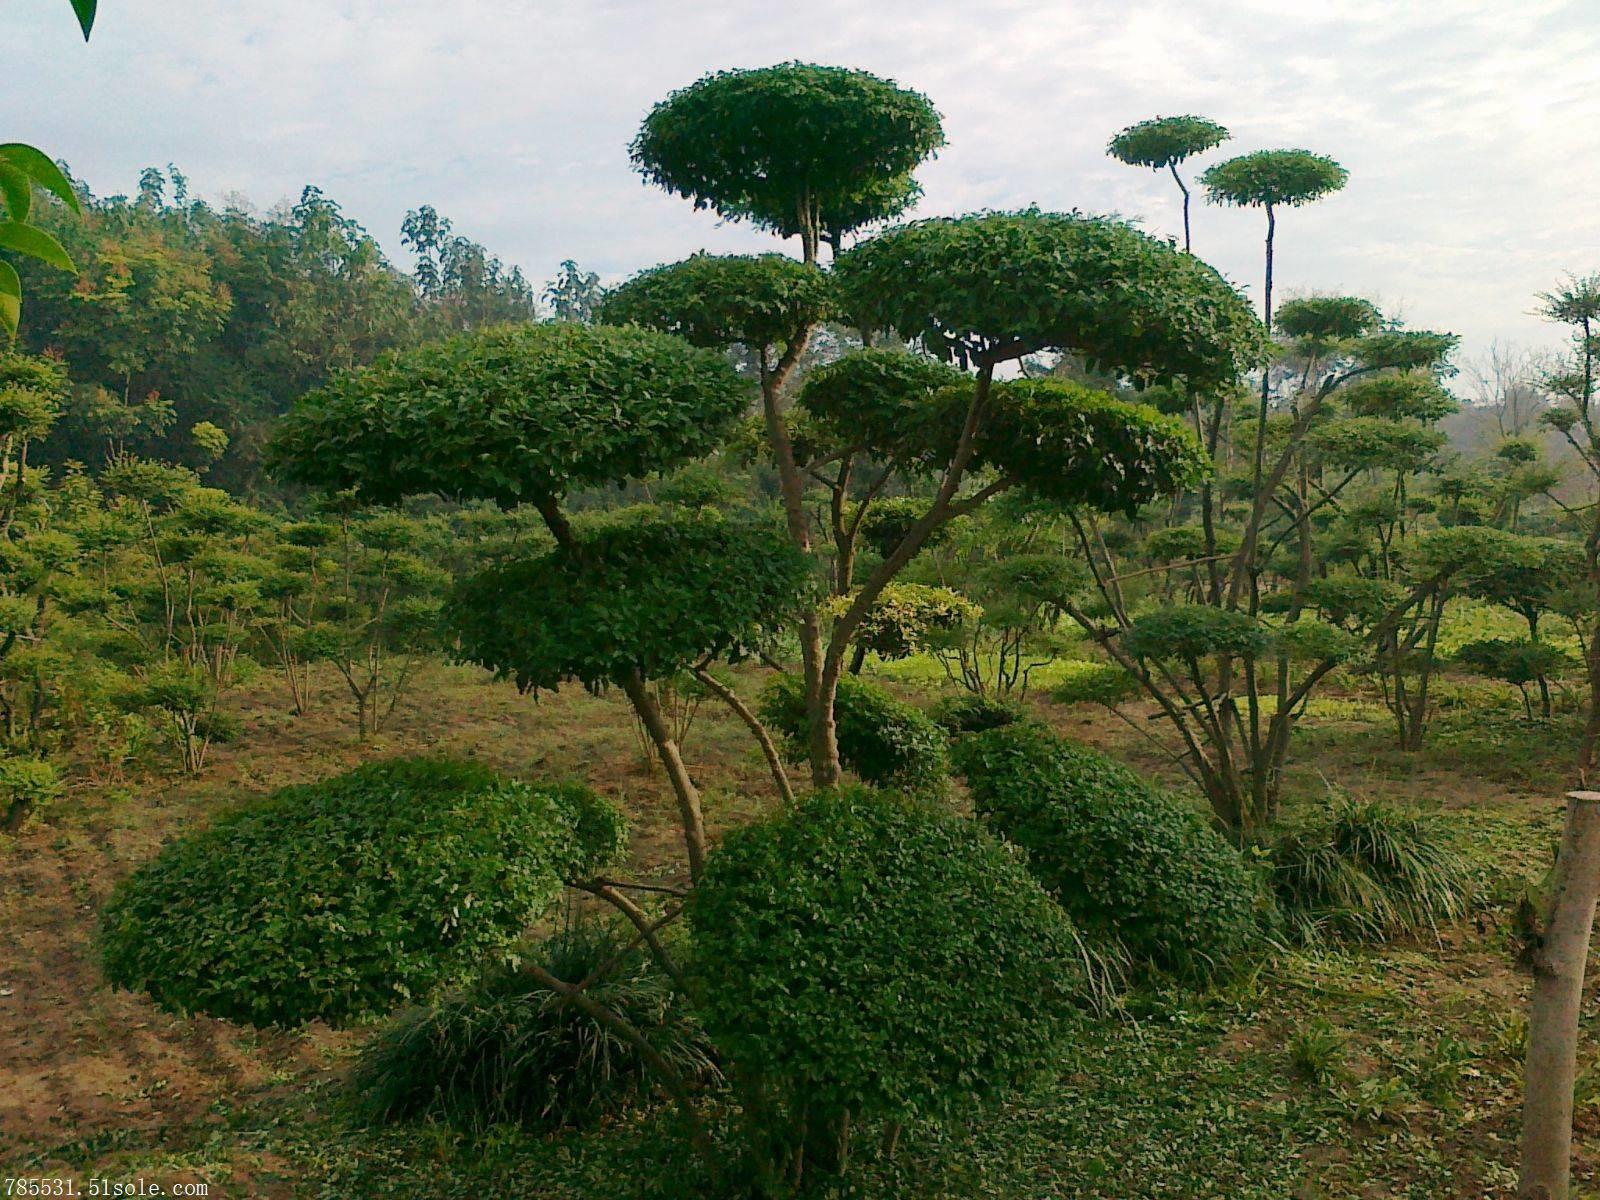 金叶女贞造型树图片